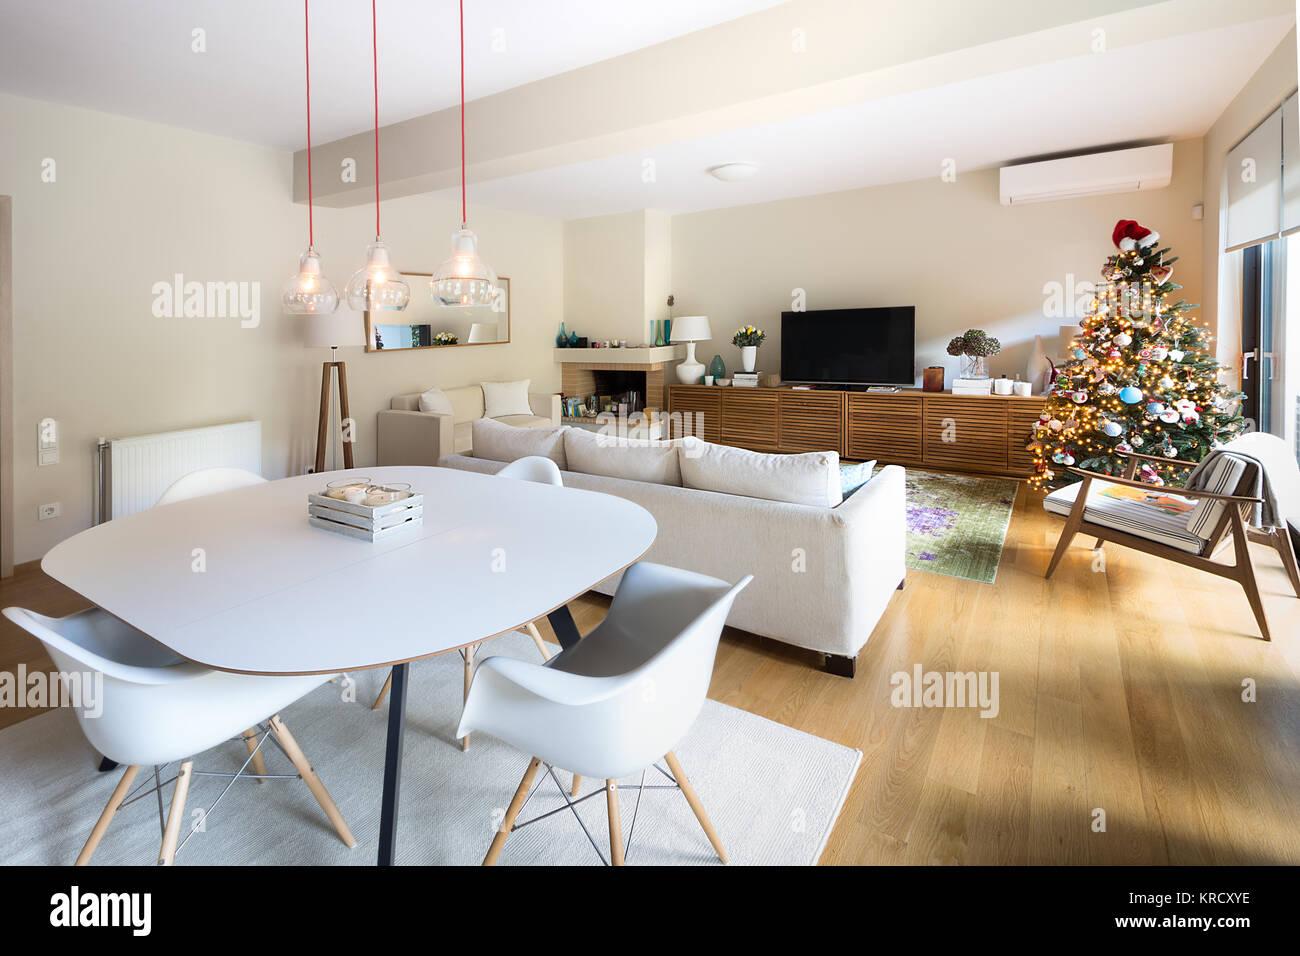 Tavoli Da Pranzo Bianchi.Un Ampio Soggiorno Sala Da Pranzo Con Un Tavolo Bianco Quattro